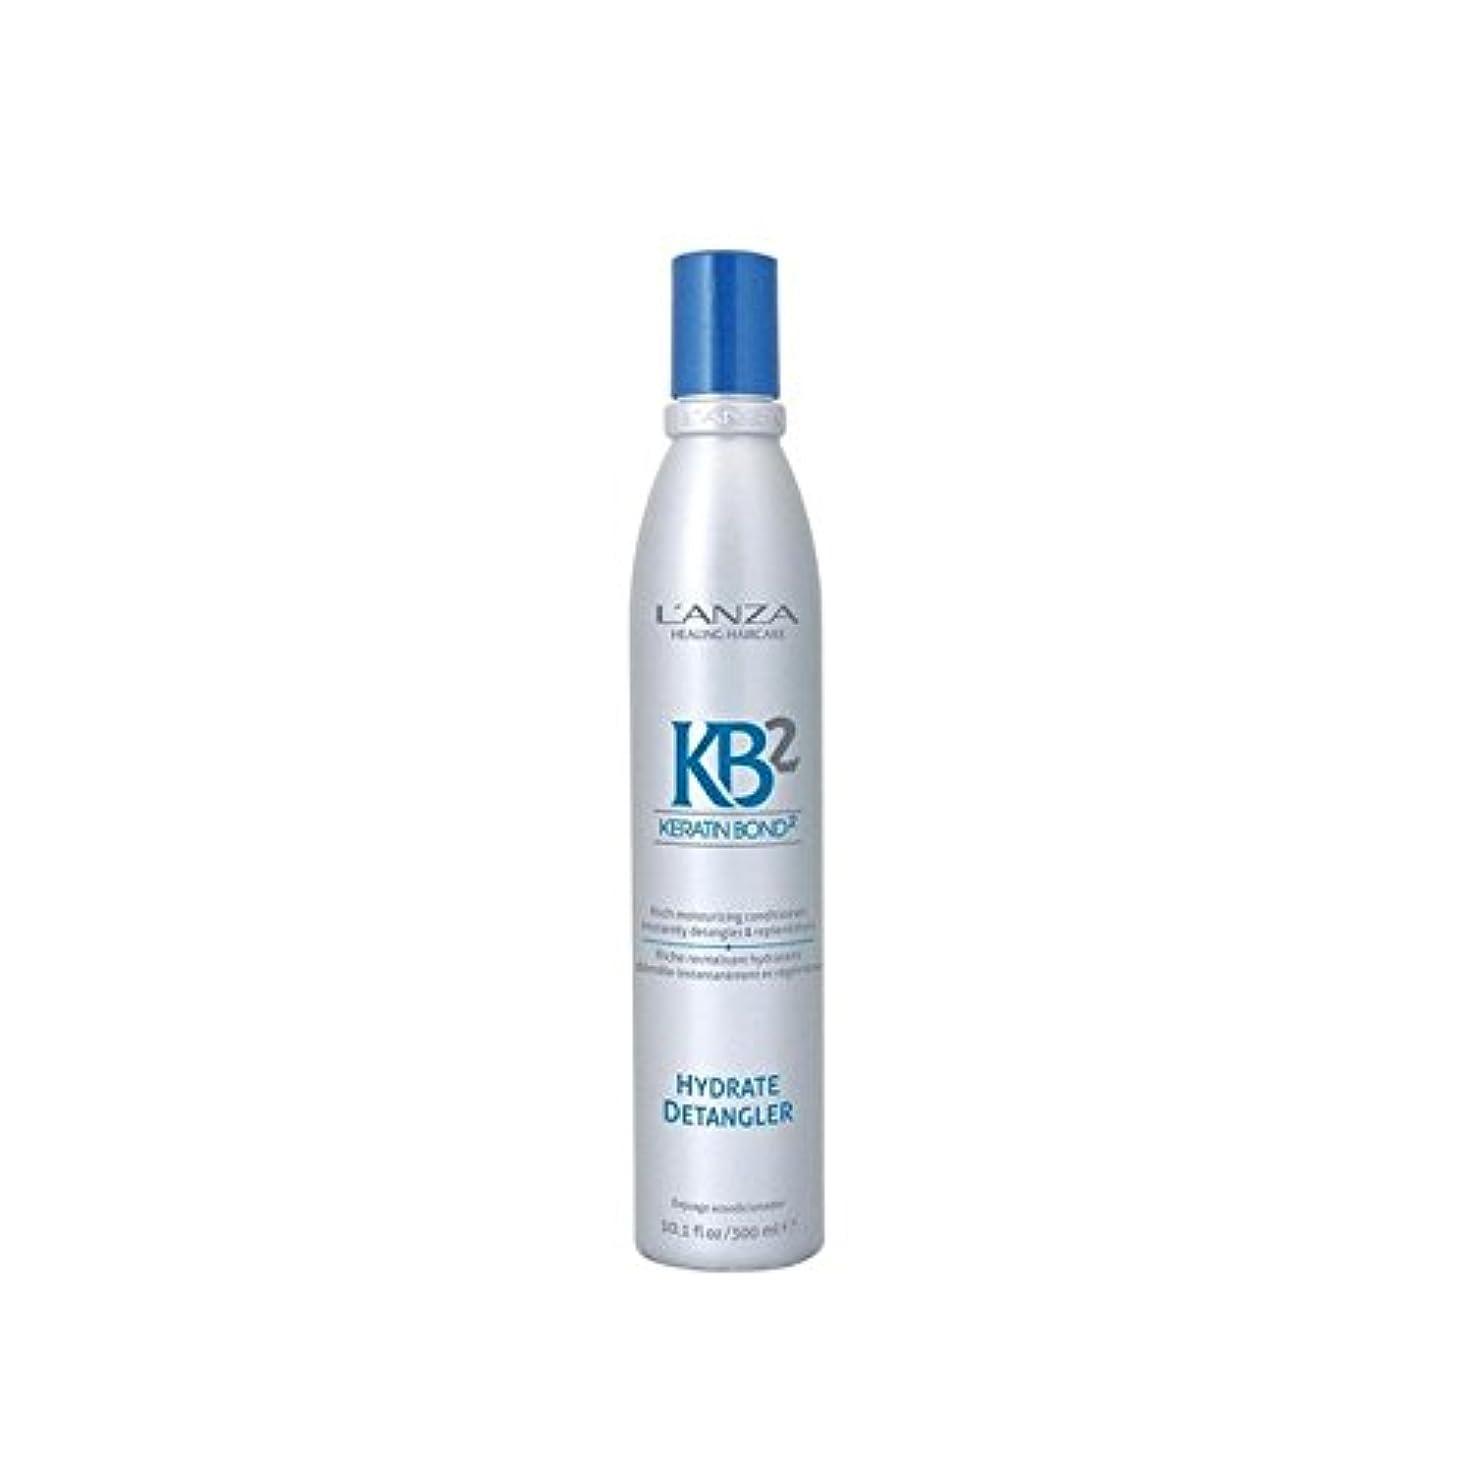 賞賛四面体変動するL'Anza Kb2 Hydrate Detangler (300ml) - アンザ2和物(300ミリリットル) [並行輸入品]